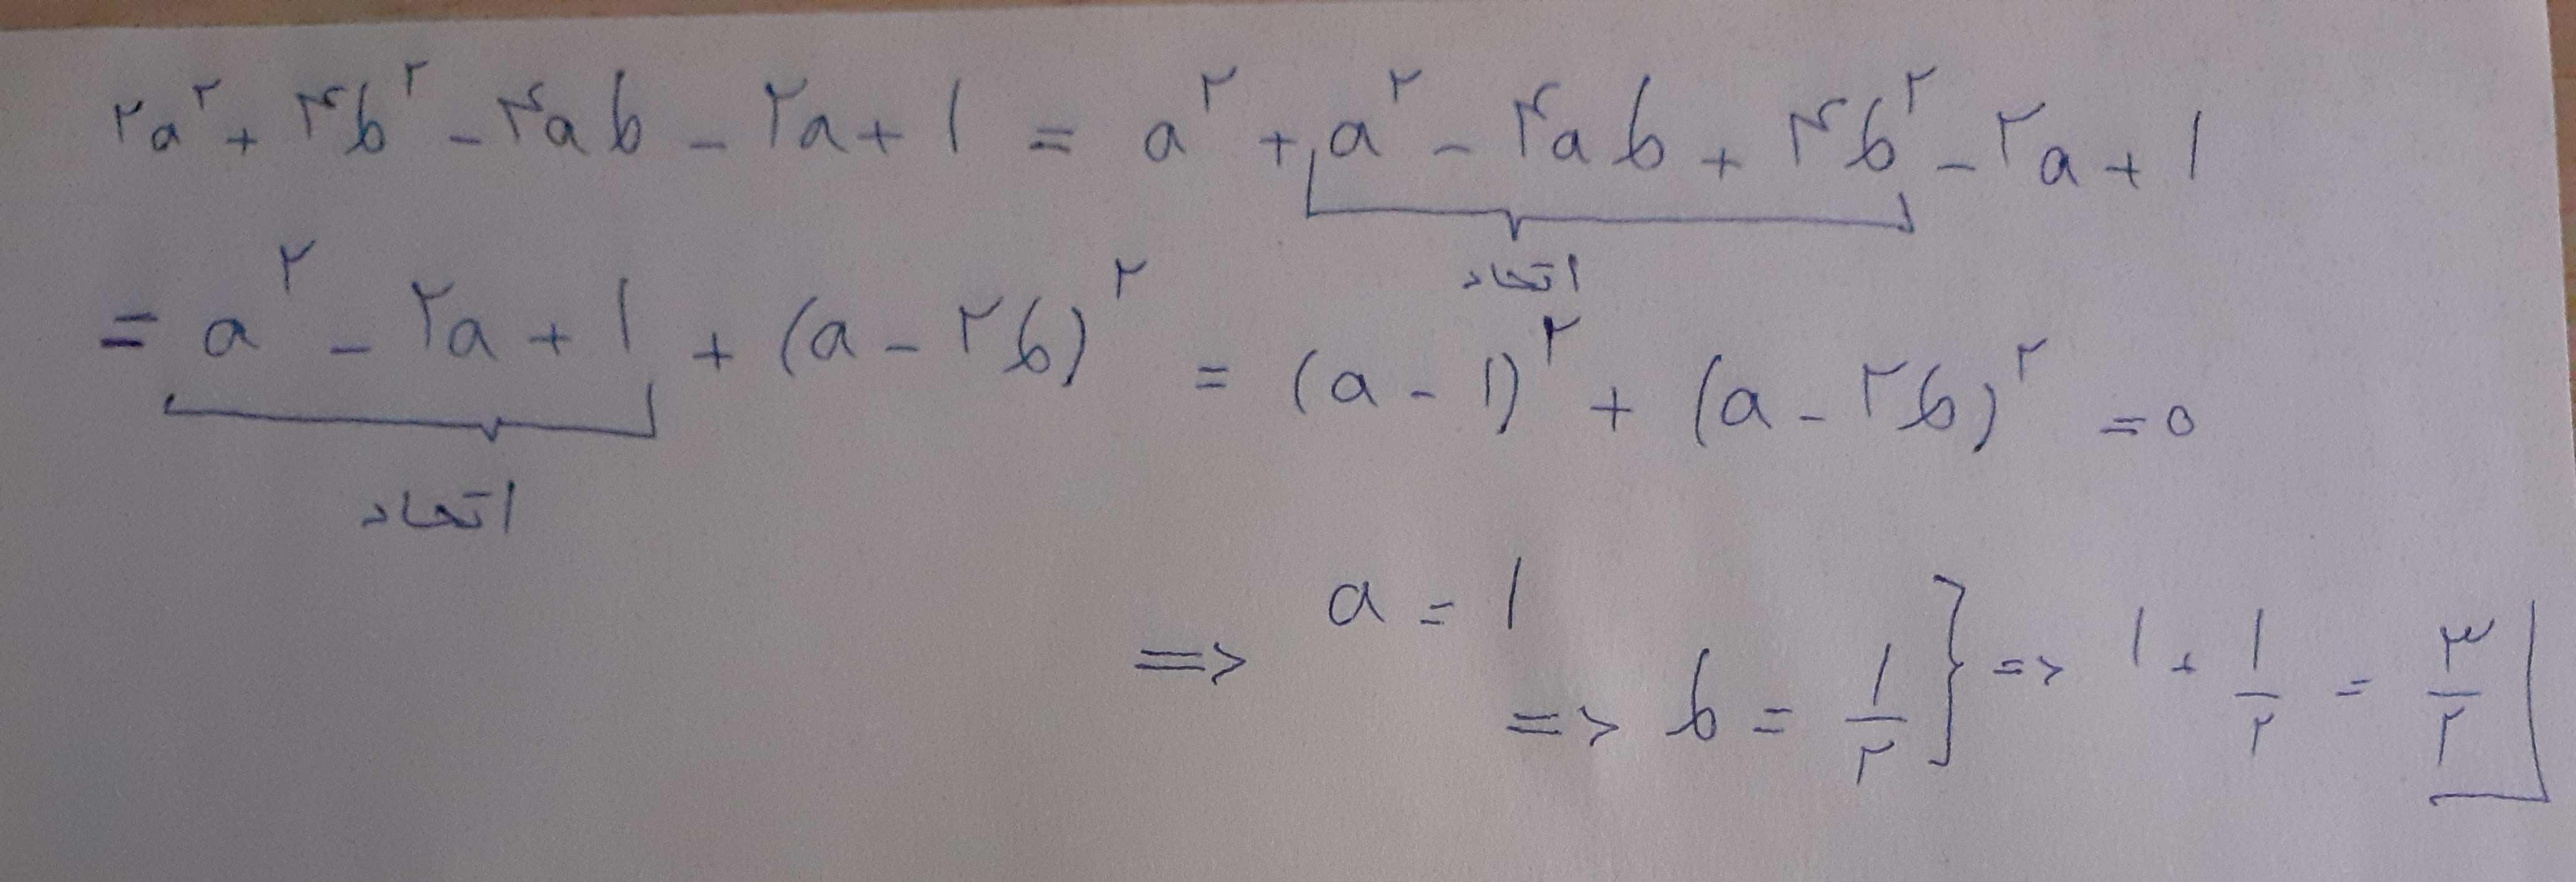 جواباین همون قضیه هست که تو کتاب گفته که جمع دو عبارت جبری اگه صفر بشه یا هر دو برابر صفر اند یا قرینه هم هستند  که اینجا با توجه به آسون تر بودن هر دو اتحاد رو برابر صفر در نظر گرفتیم👌🌺